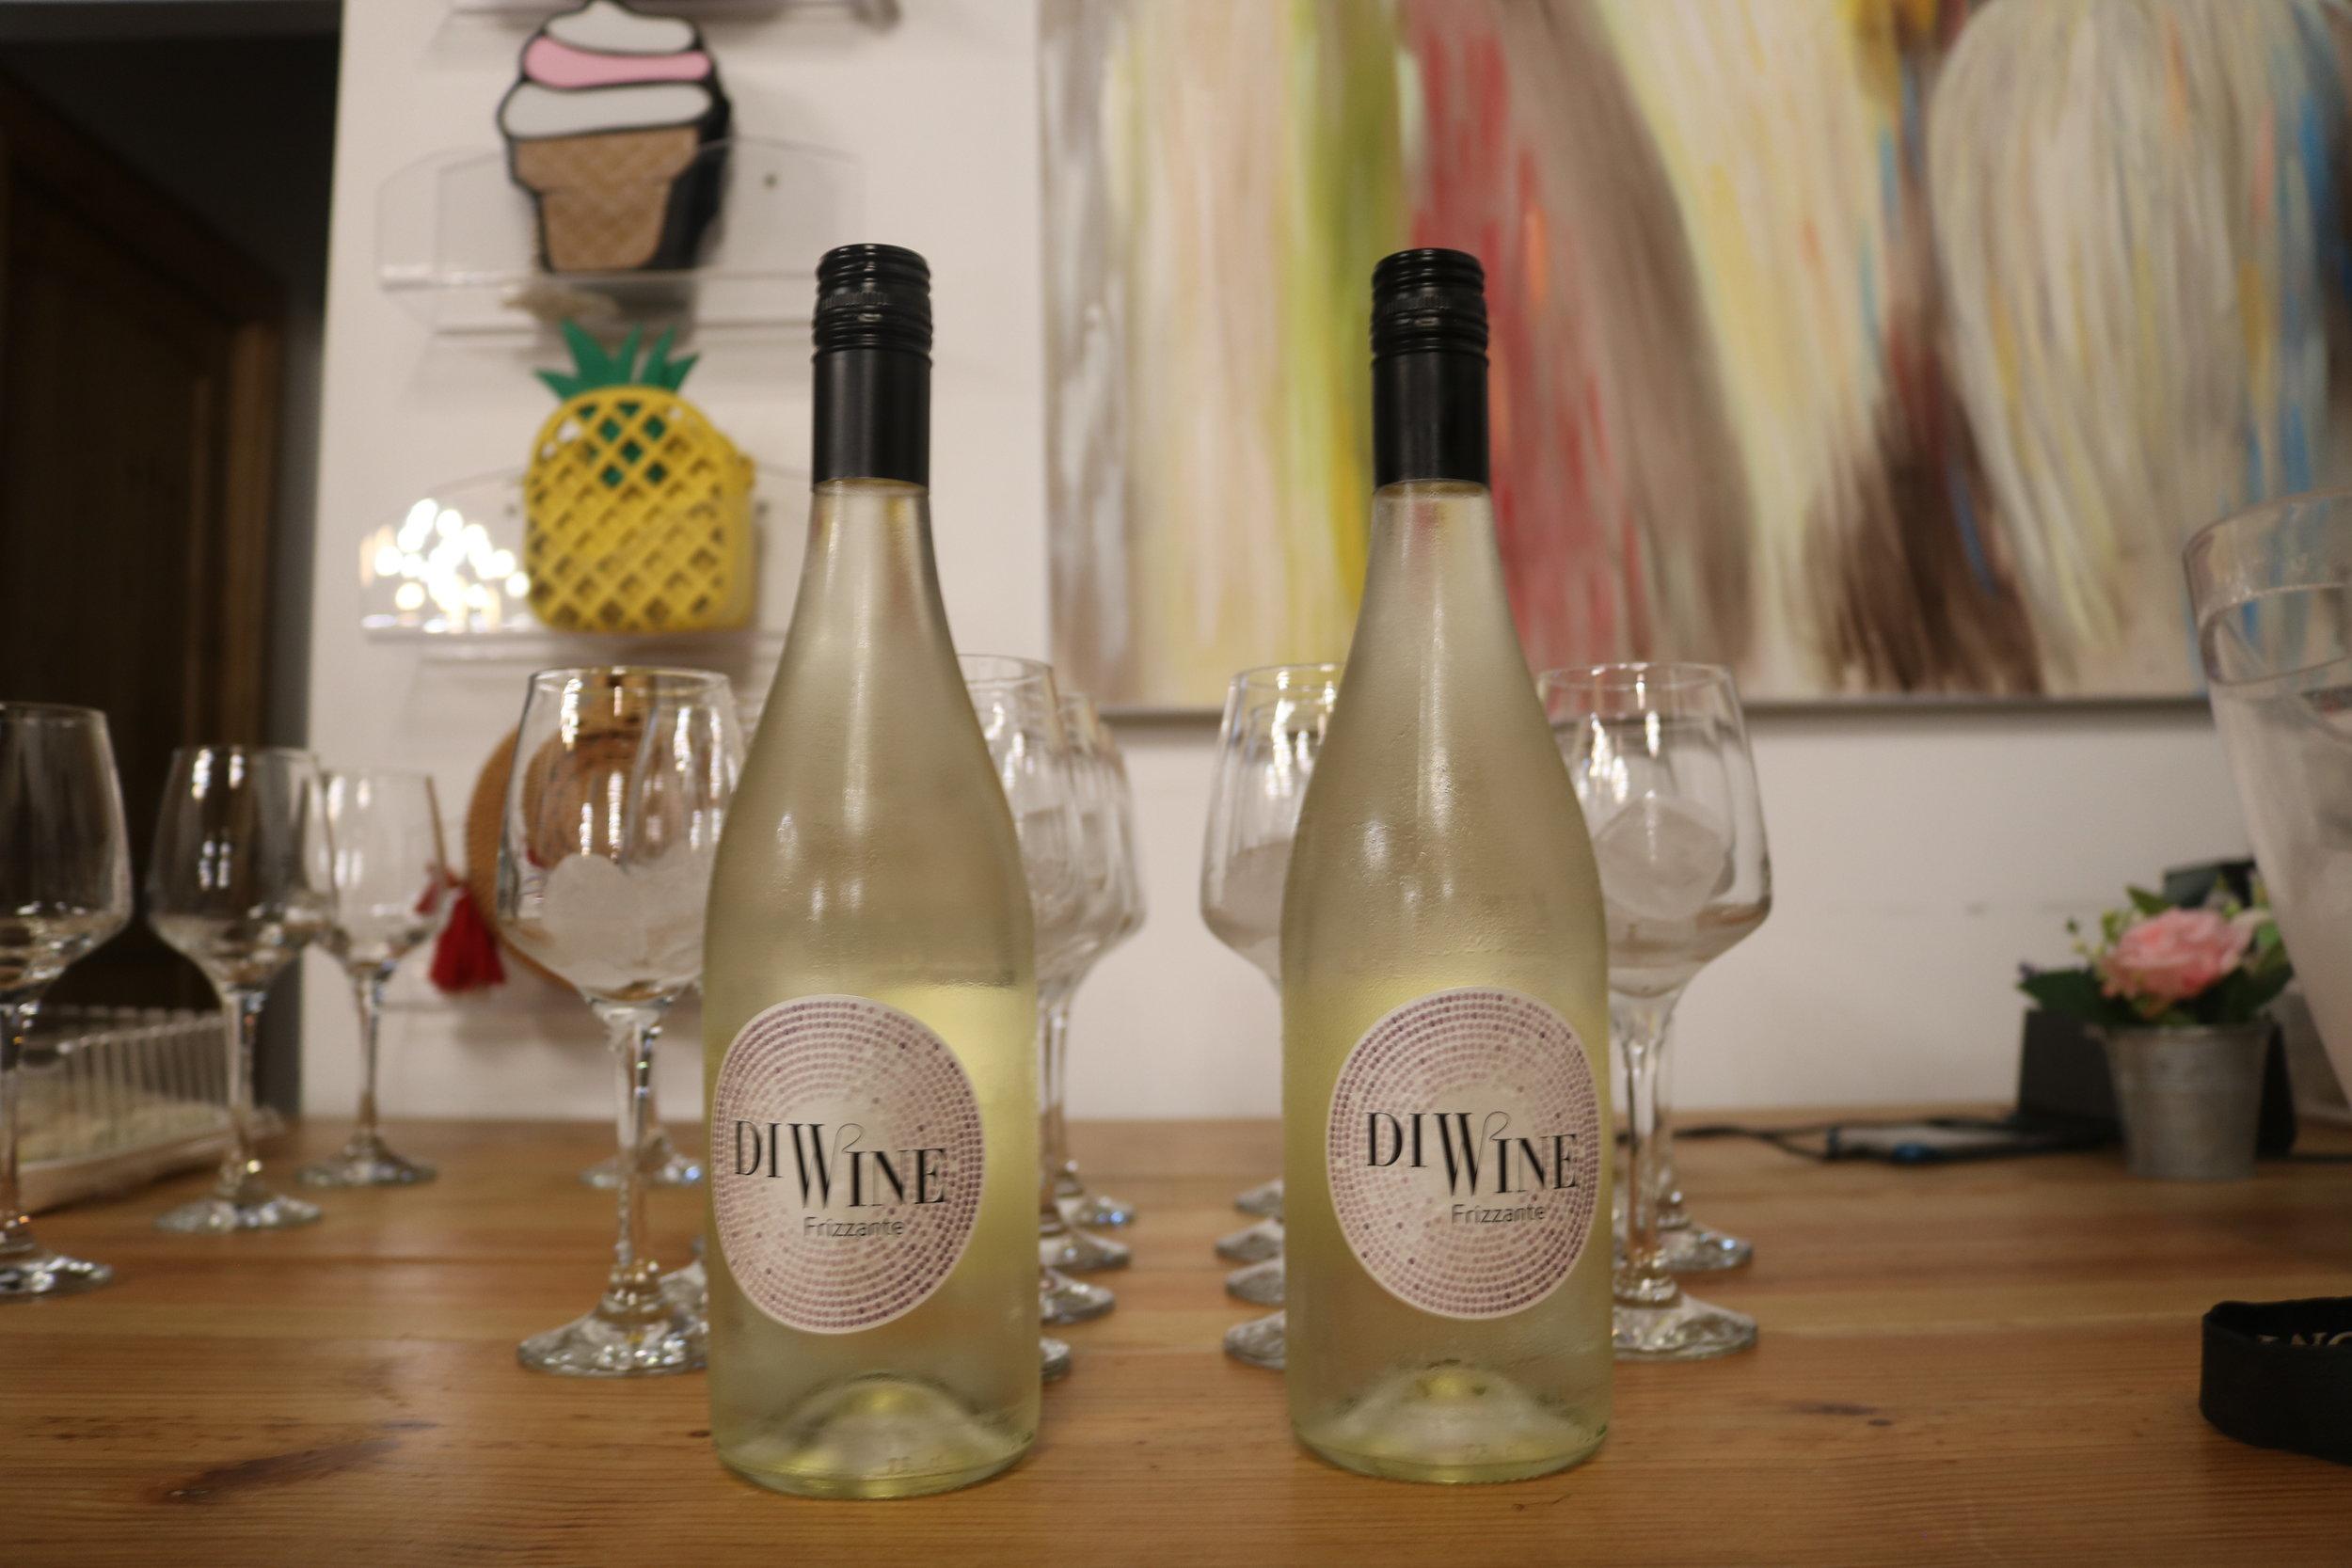 DI WINE